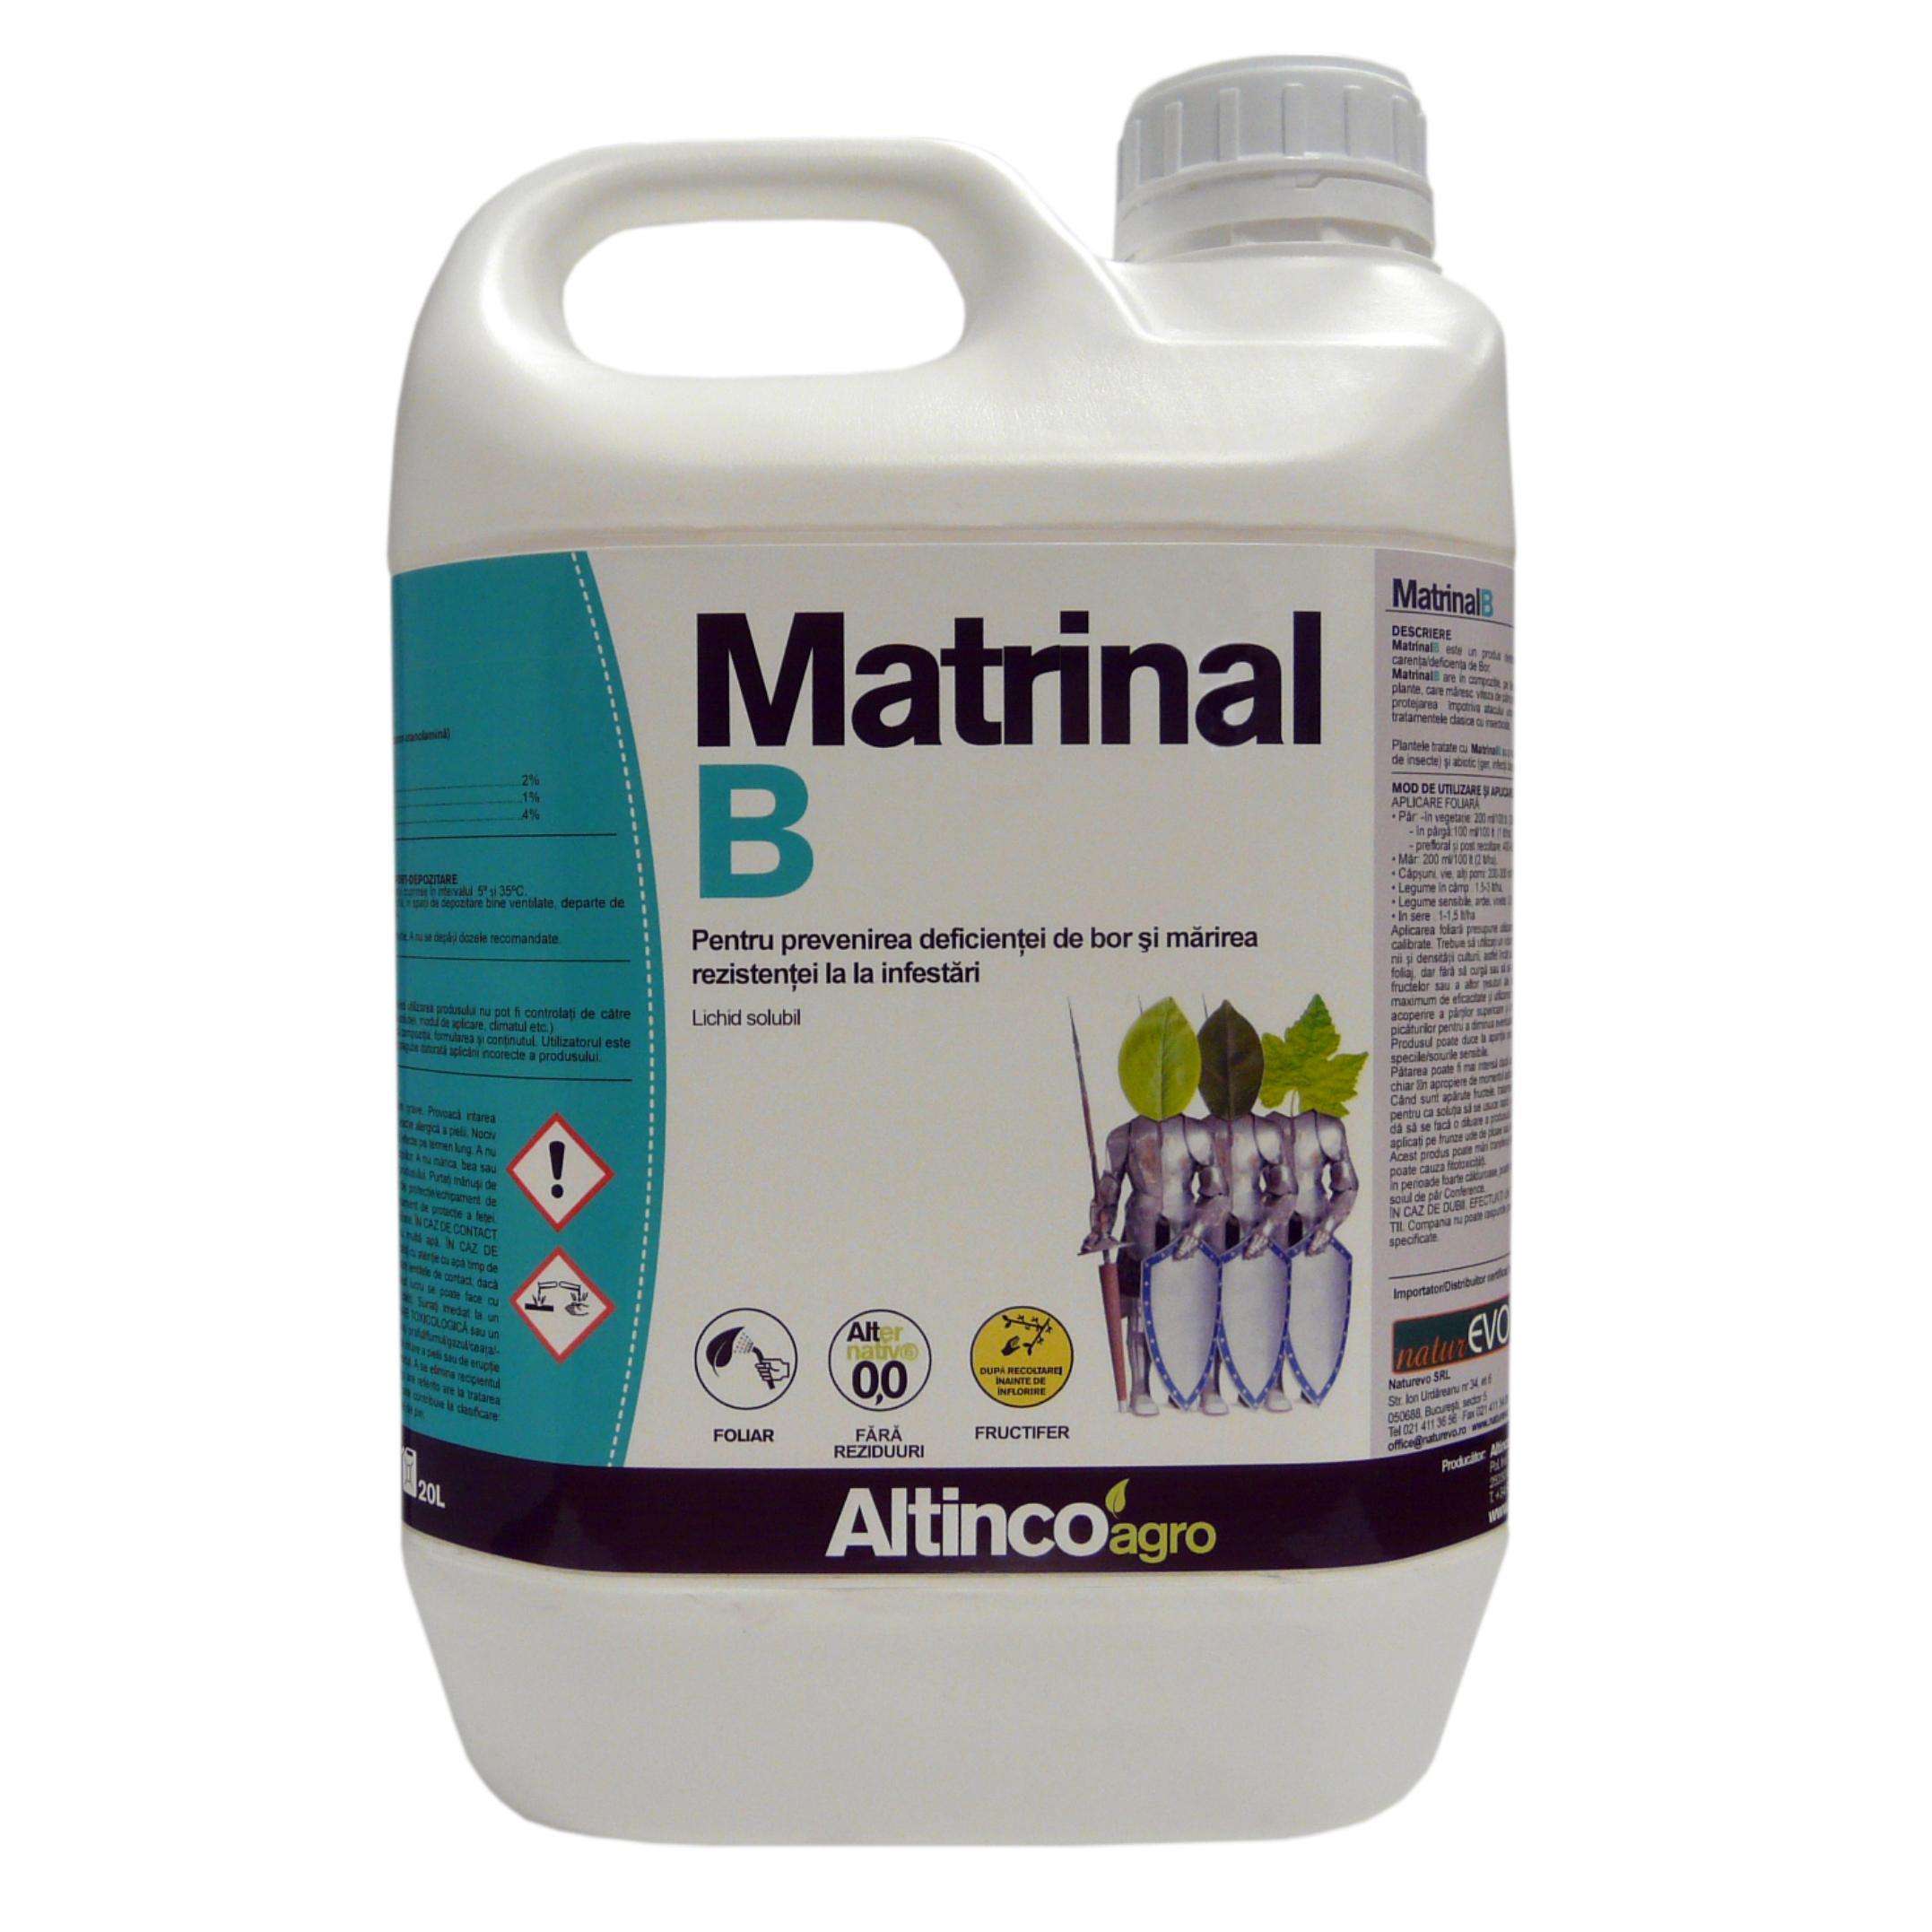 MATRINAL B este un inductor de autoapărare a culturilor. Produs biodegradabil. Rezolvă problemele cauzate de atacul dăunătorilor